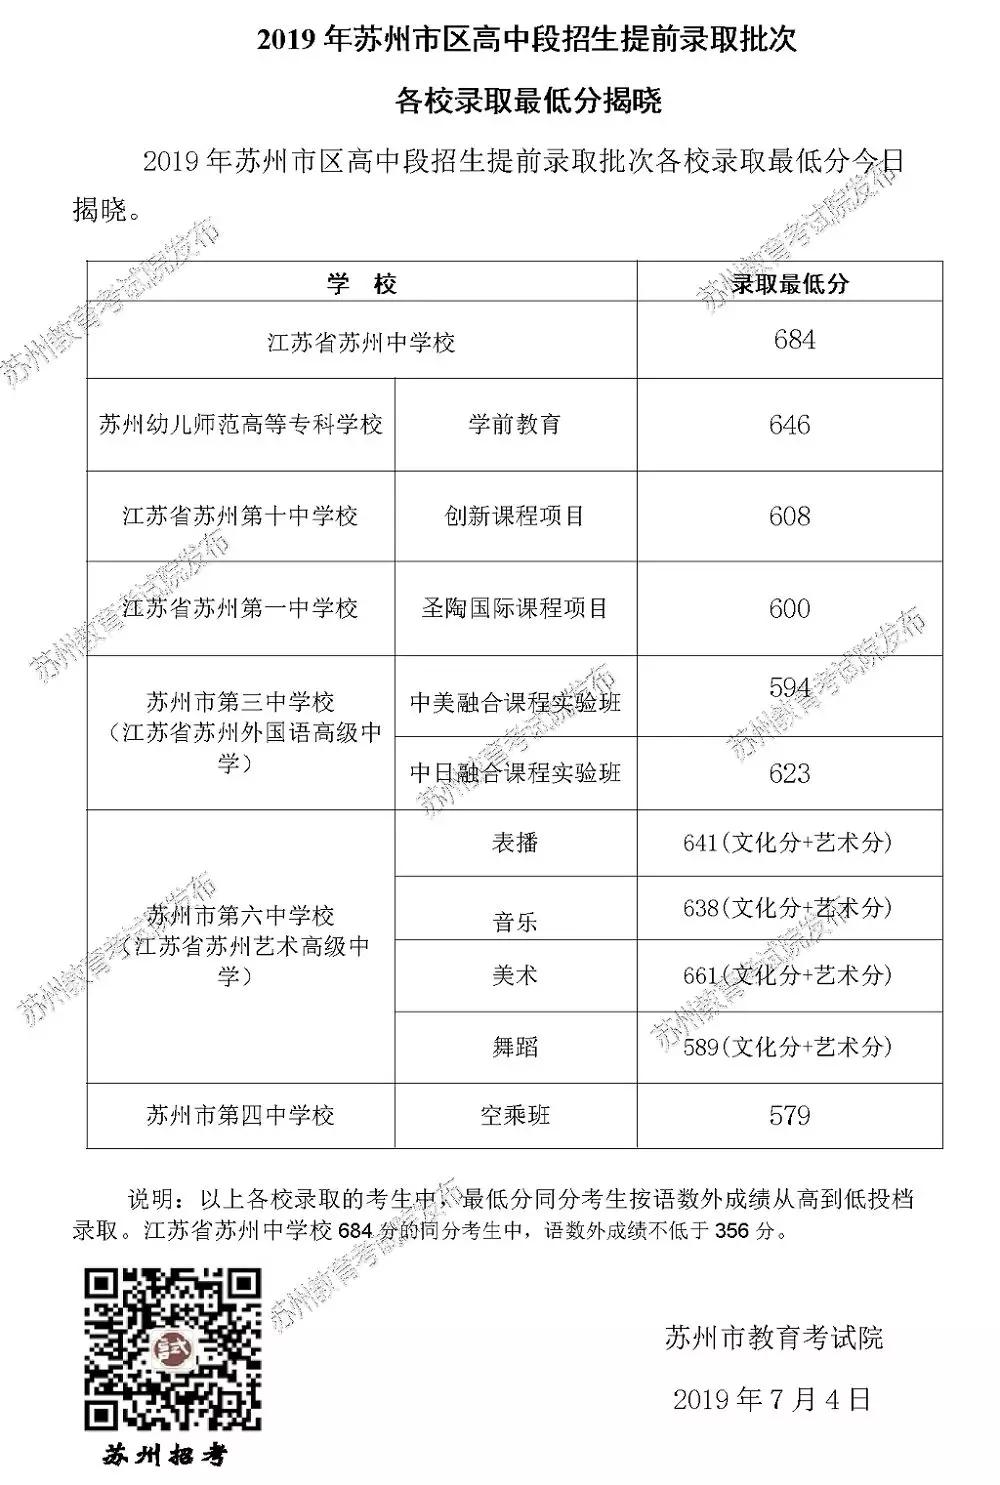 2019年江苏苏州中考市区各高中提前批录取分数线